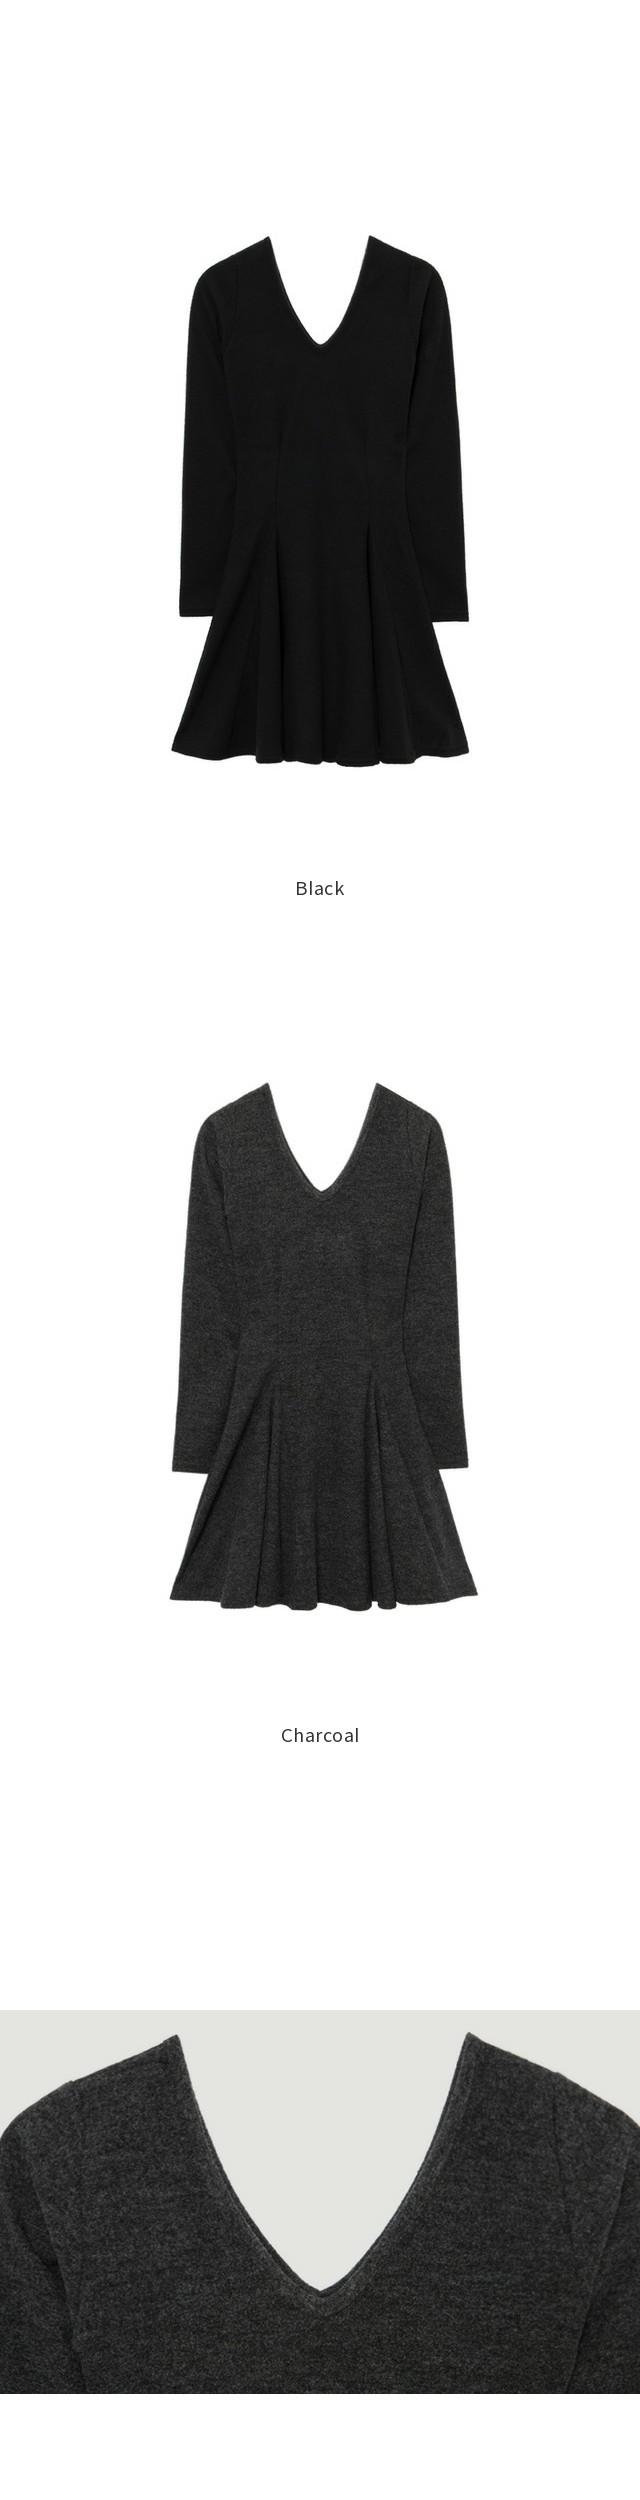 Linda V Brushed Dress